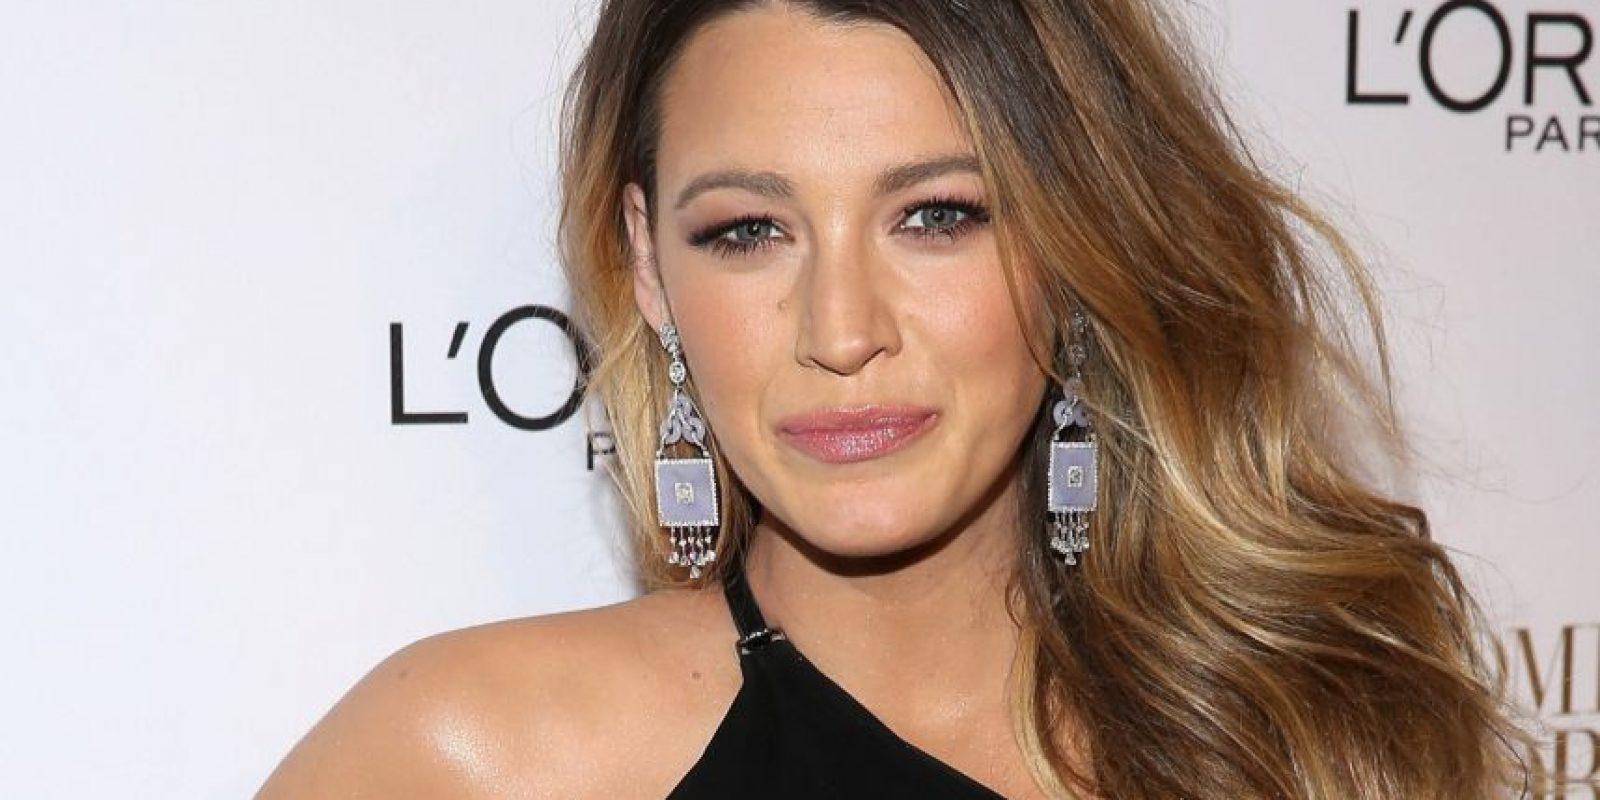 FOTOS. Filtran imágenes sin ropa de la actriz Blake Lively ... Blake Lively Facebook